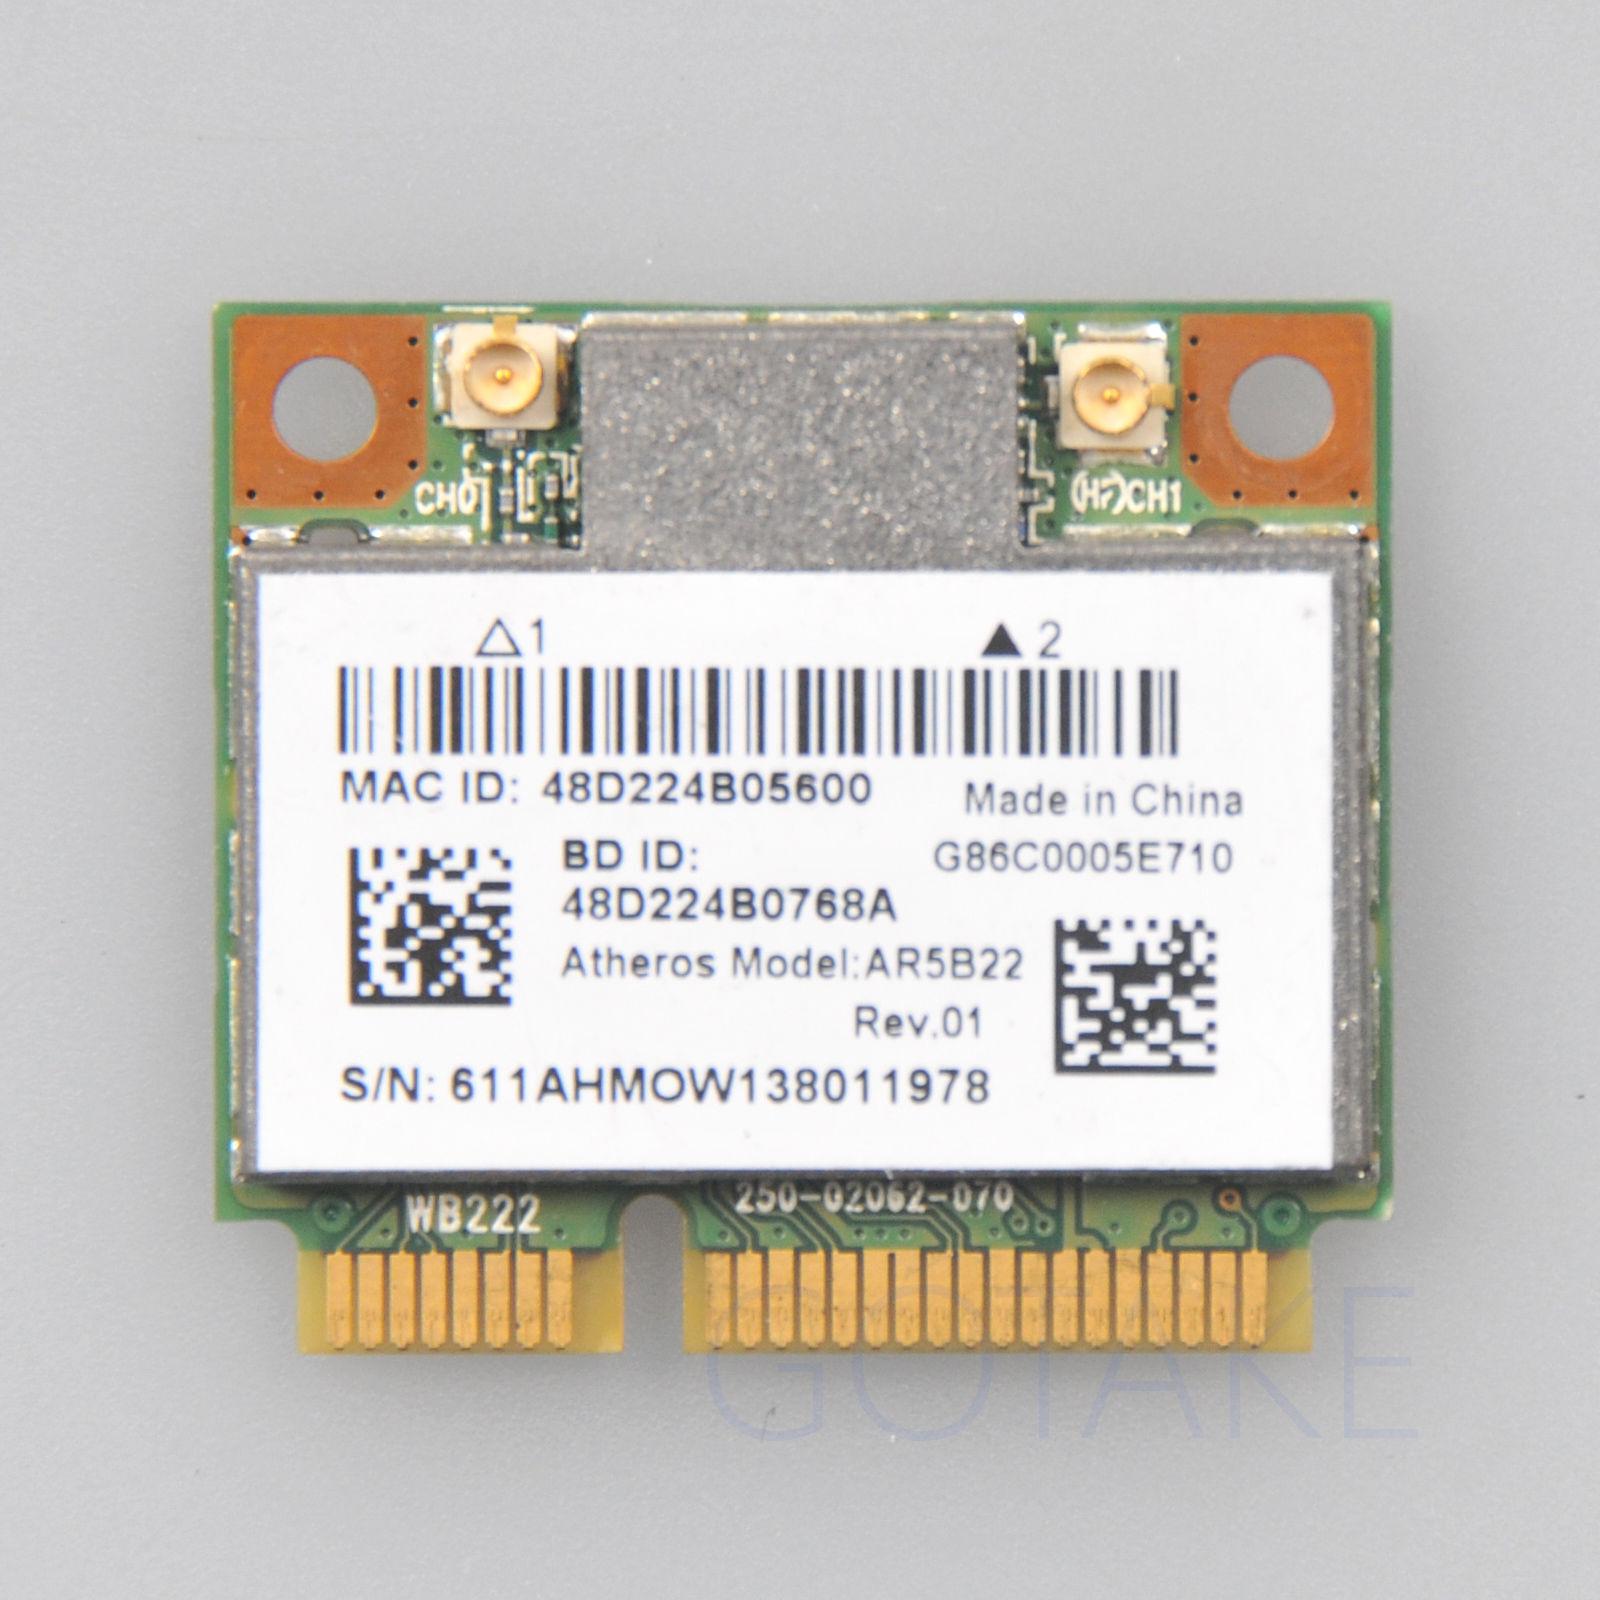 Atheros AR5B22 AR9462 WiFi Dual Band 2.4GHz 5GHz 300Mbps Bluetooth 4.0 Mini card